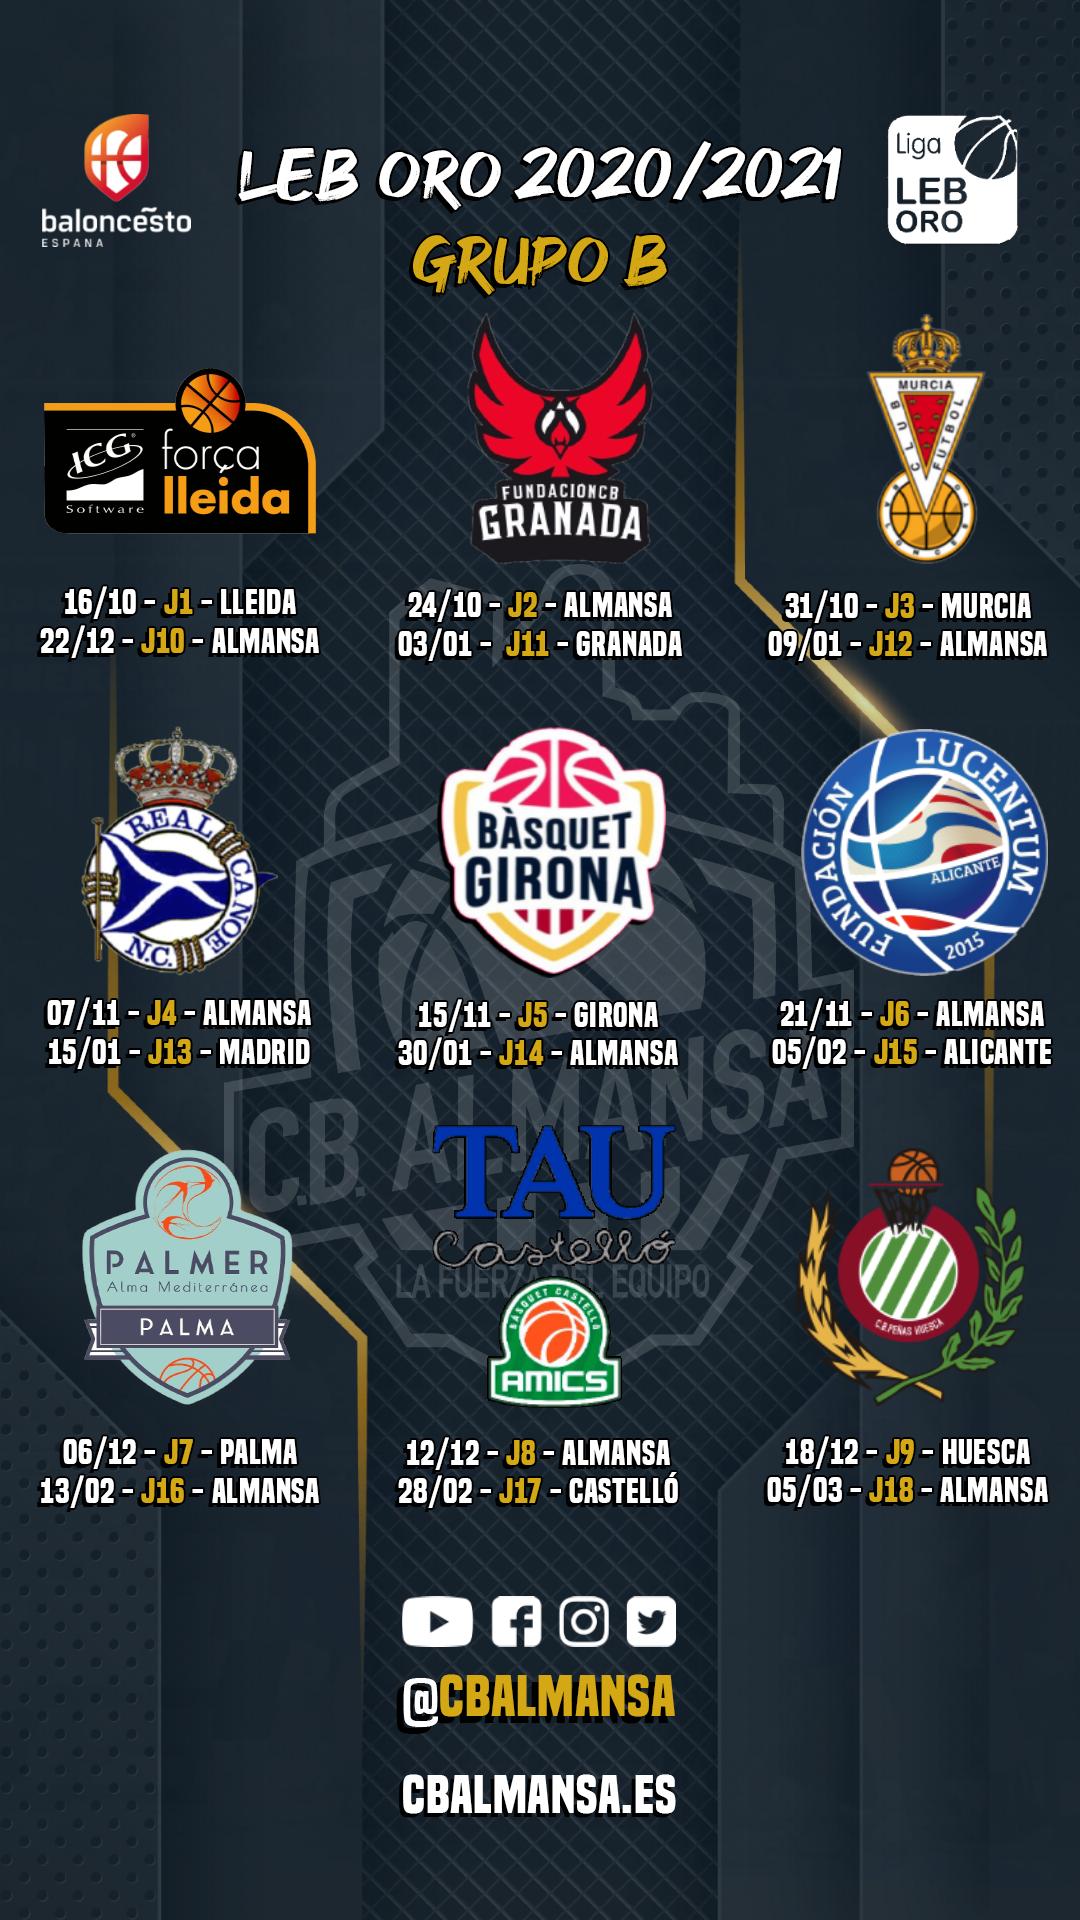 Calendario Grupo B LEB Oro CB Almansa